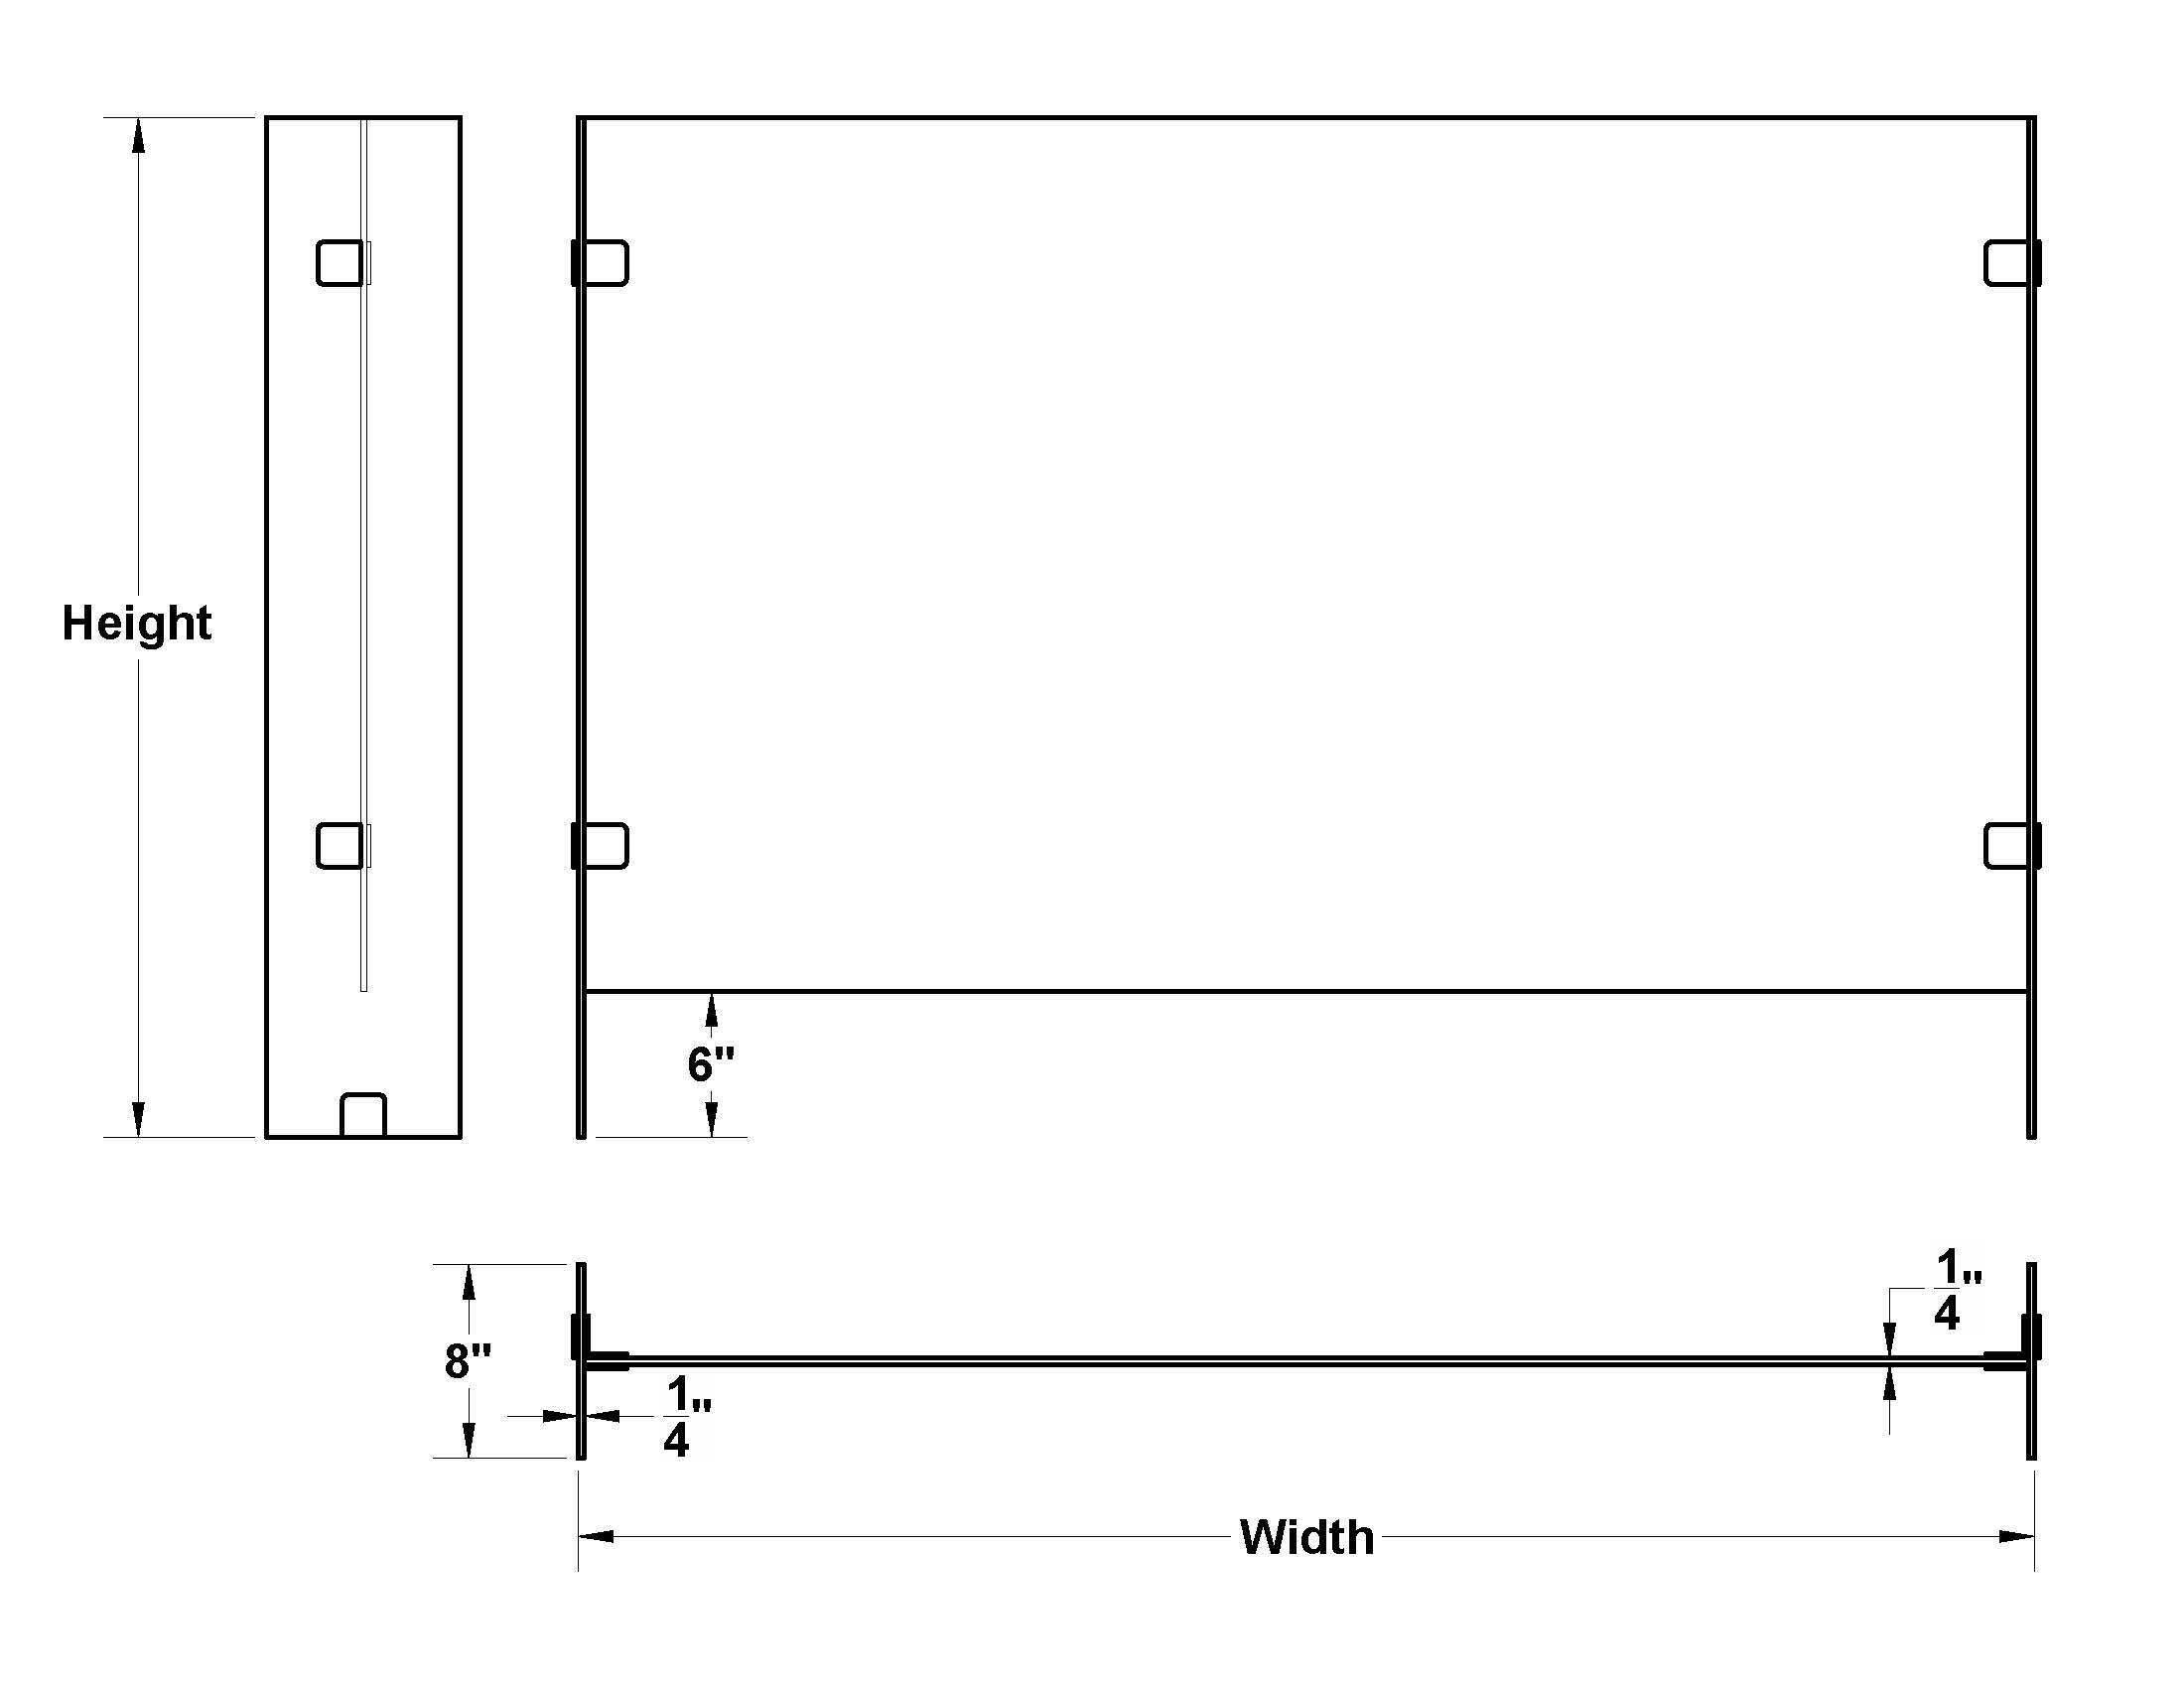 1/4 glass measurements